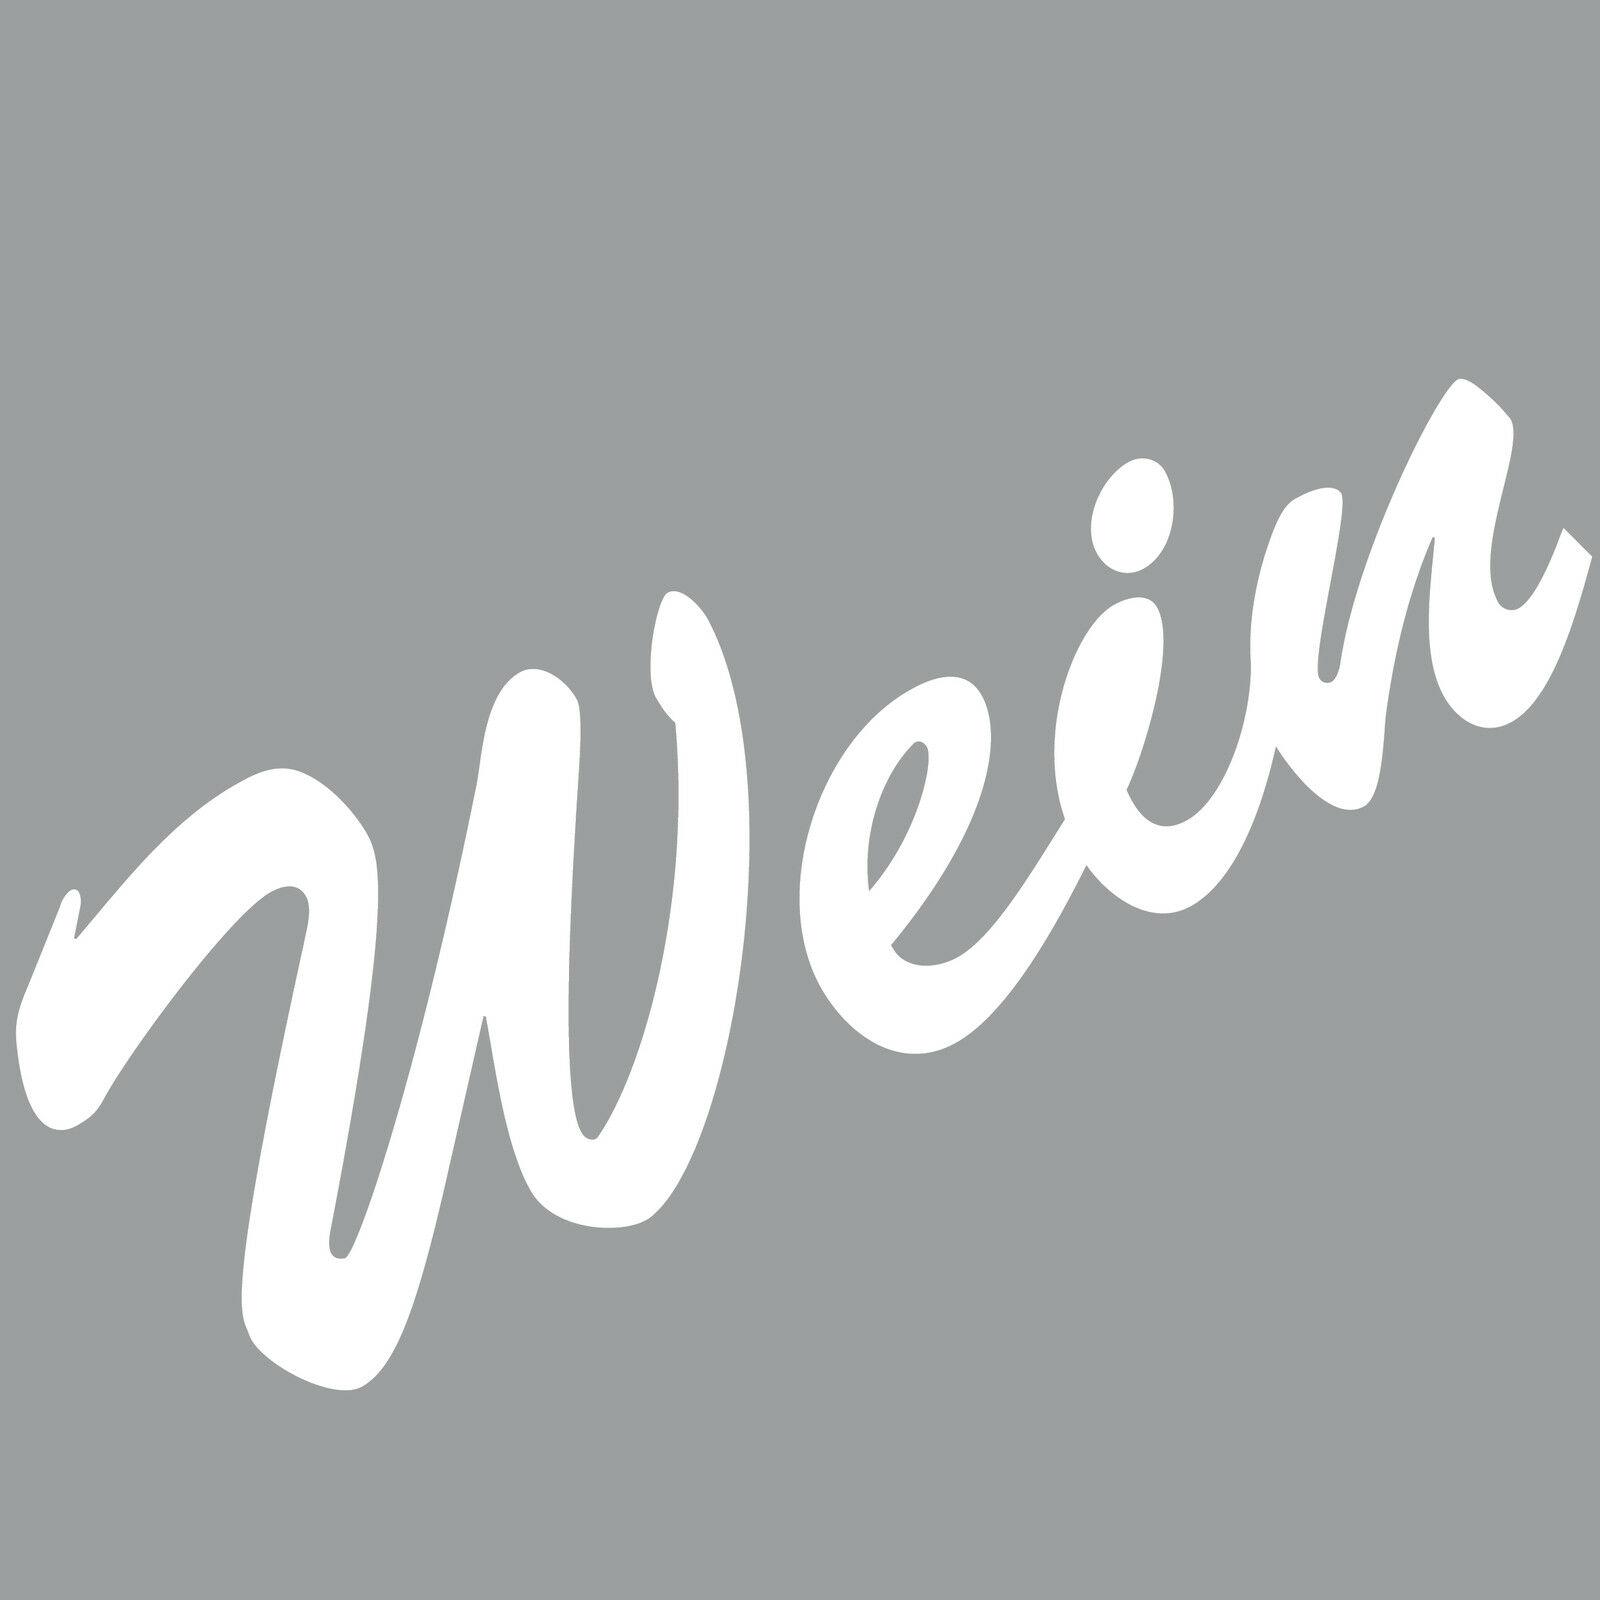 Wein 18cm Weiß Aufkleber Tattoo Deko Pvc Folie Schriftzug Kühlschrank Wandtattoo